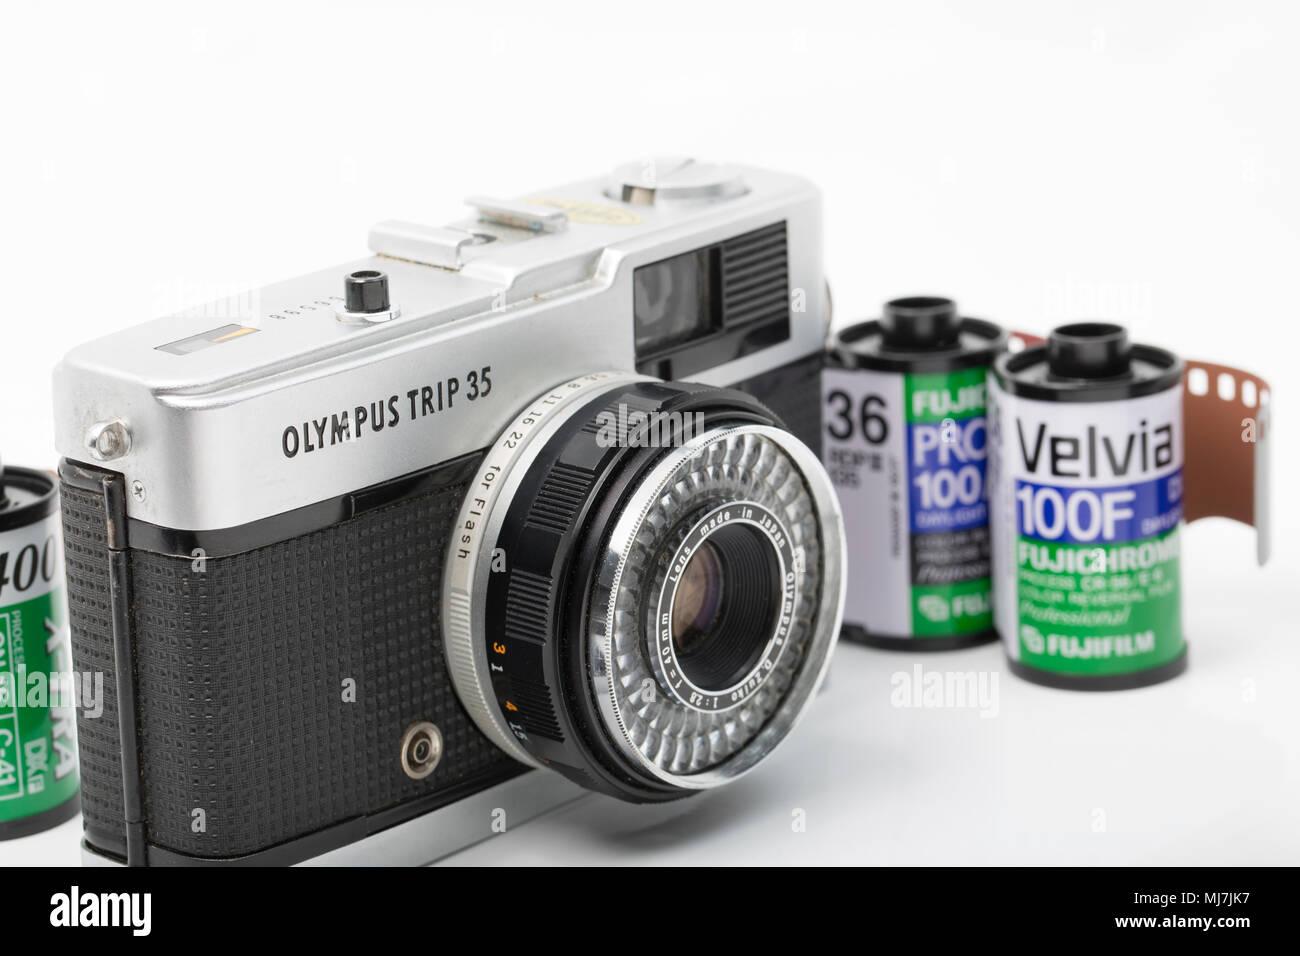 Un gruppo di lavoro di viaggio Olympus 35 telecamera cinematografica acquistato per £ 1 dal labirinto in vendita in Dorset England Regno Unito. Produzione di telecamera correva da 1967-1984 e fu fitt Immagini Stock